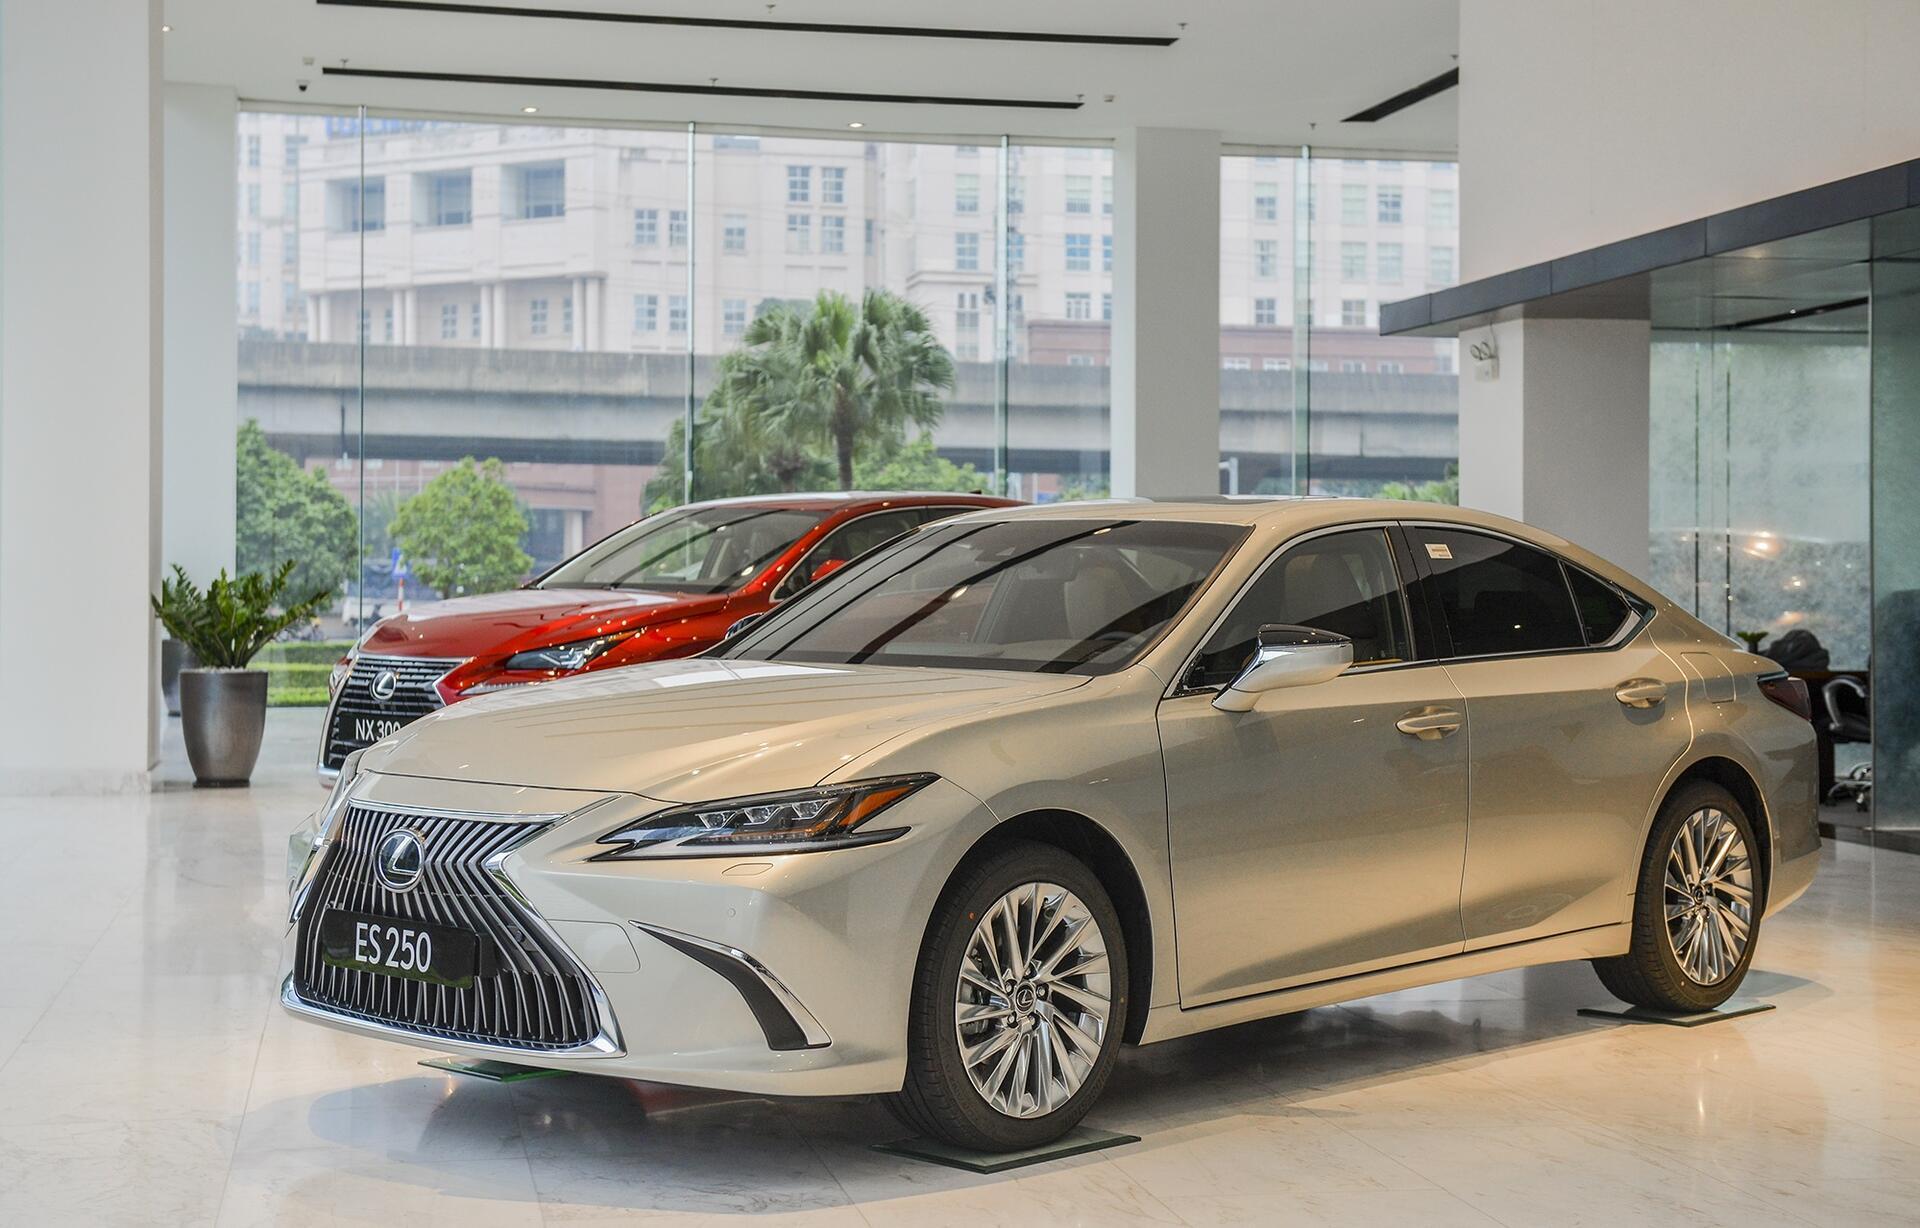 lexus-es-2021-ra-mat-tai-viet-nam-tang-an-toan-gia-khong-doi